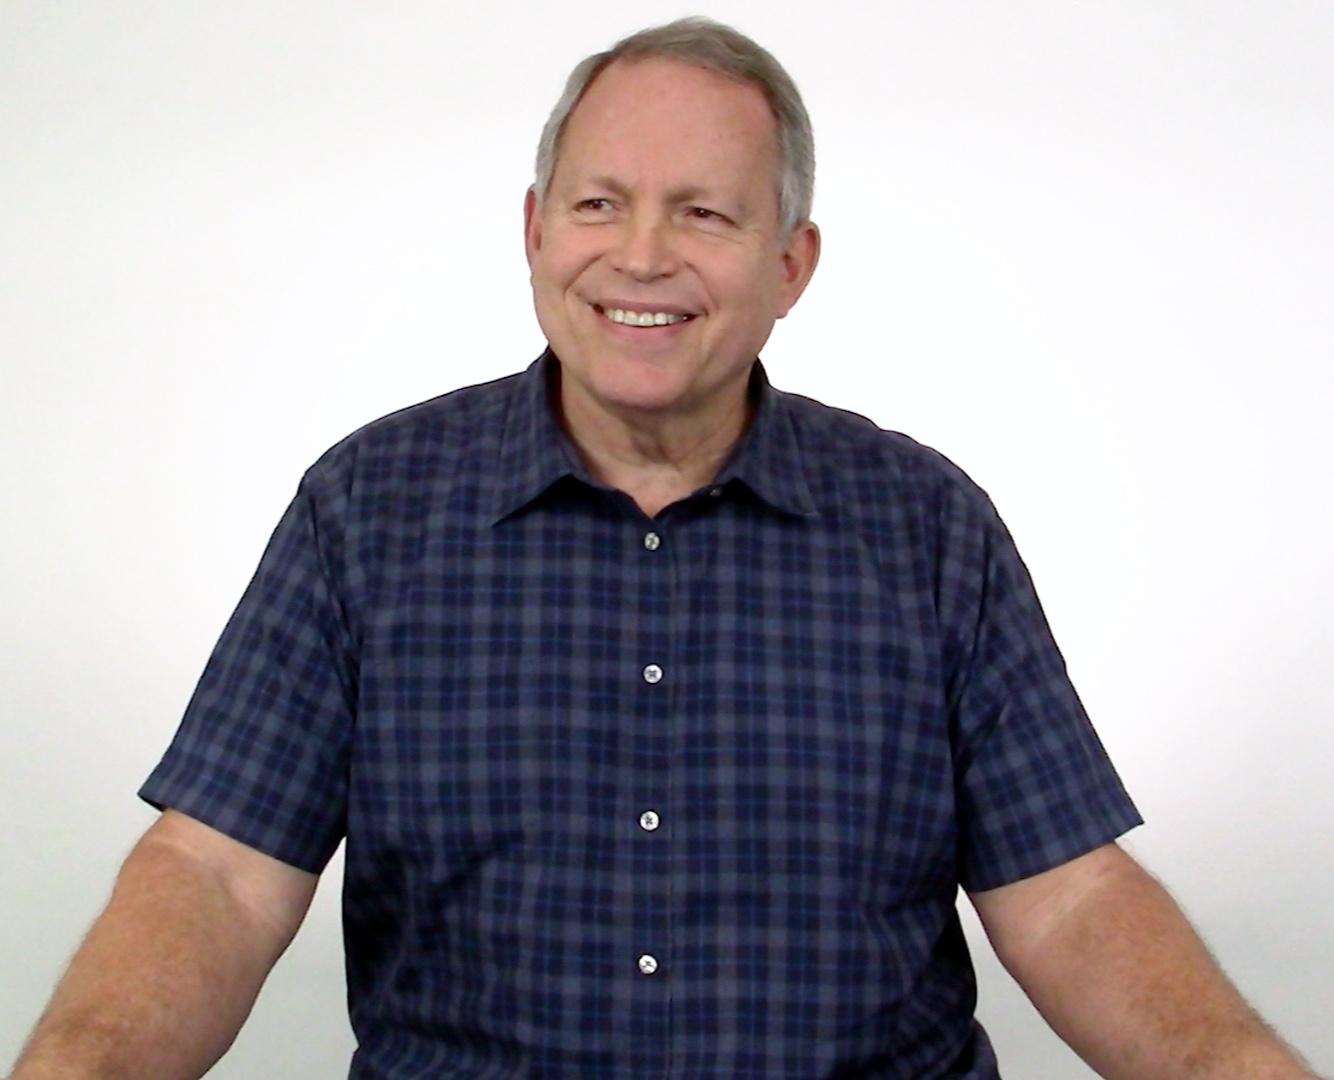 Portrait of Greg Baer